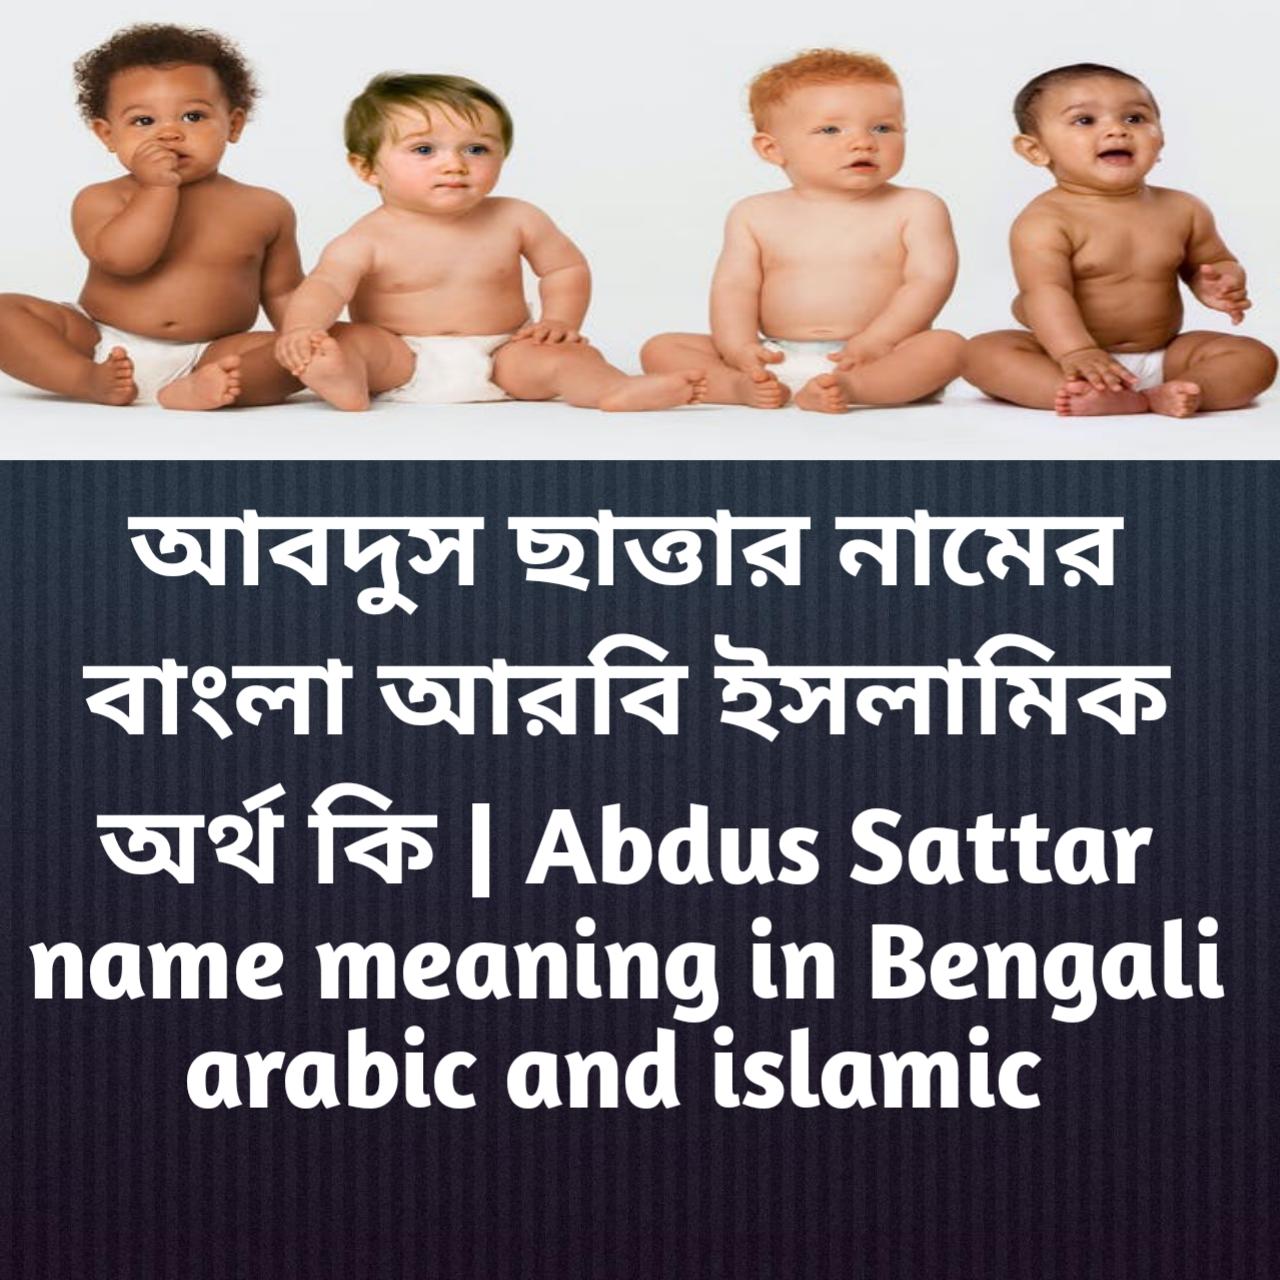 আবদুস ছাত্তার নামের অর্থ কি, আবদুস ছাত্তার নামের বাংলা অর্থ কি, আবদুস ছাত্তার নামের ইসলামিক অর্থ কি, Abdus Sattar name meaning in Bengali, আবদুস ছাত্তার কি ইসলামিক নাম,